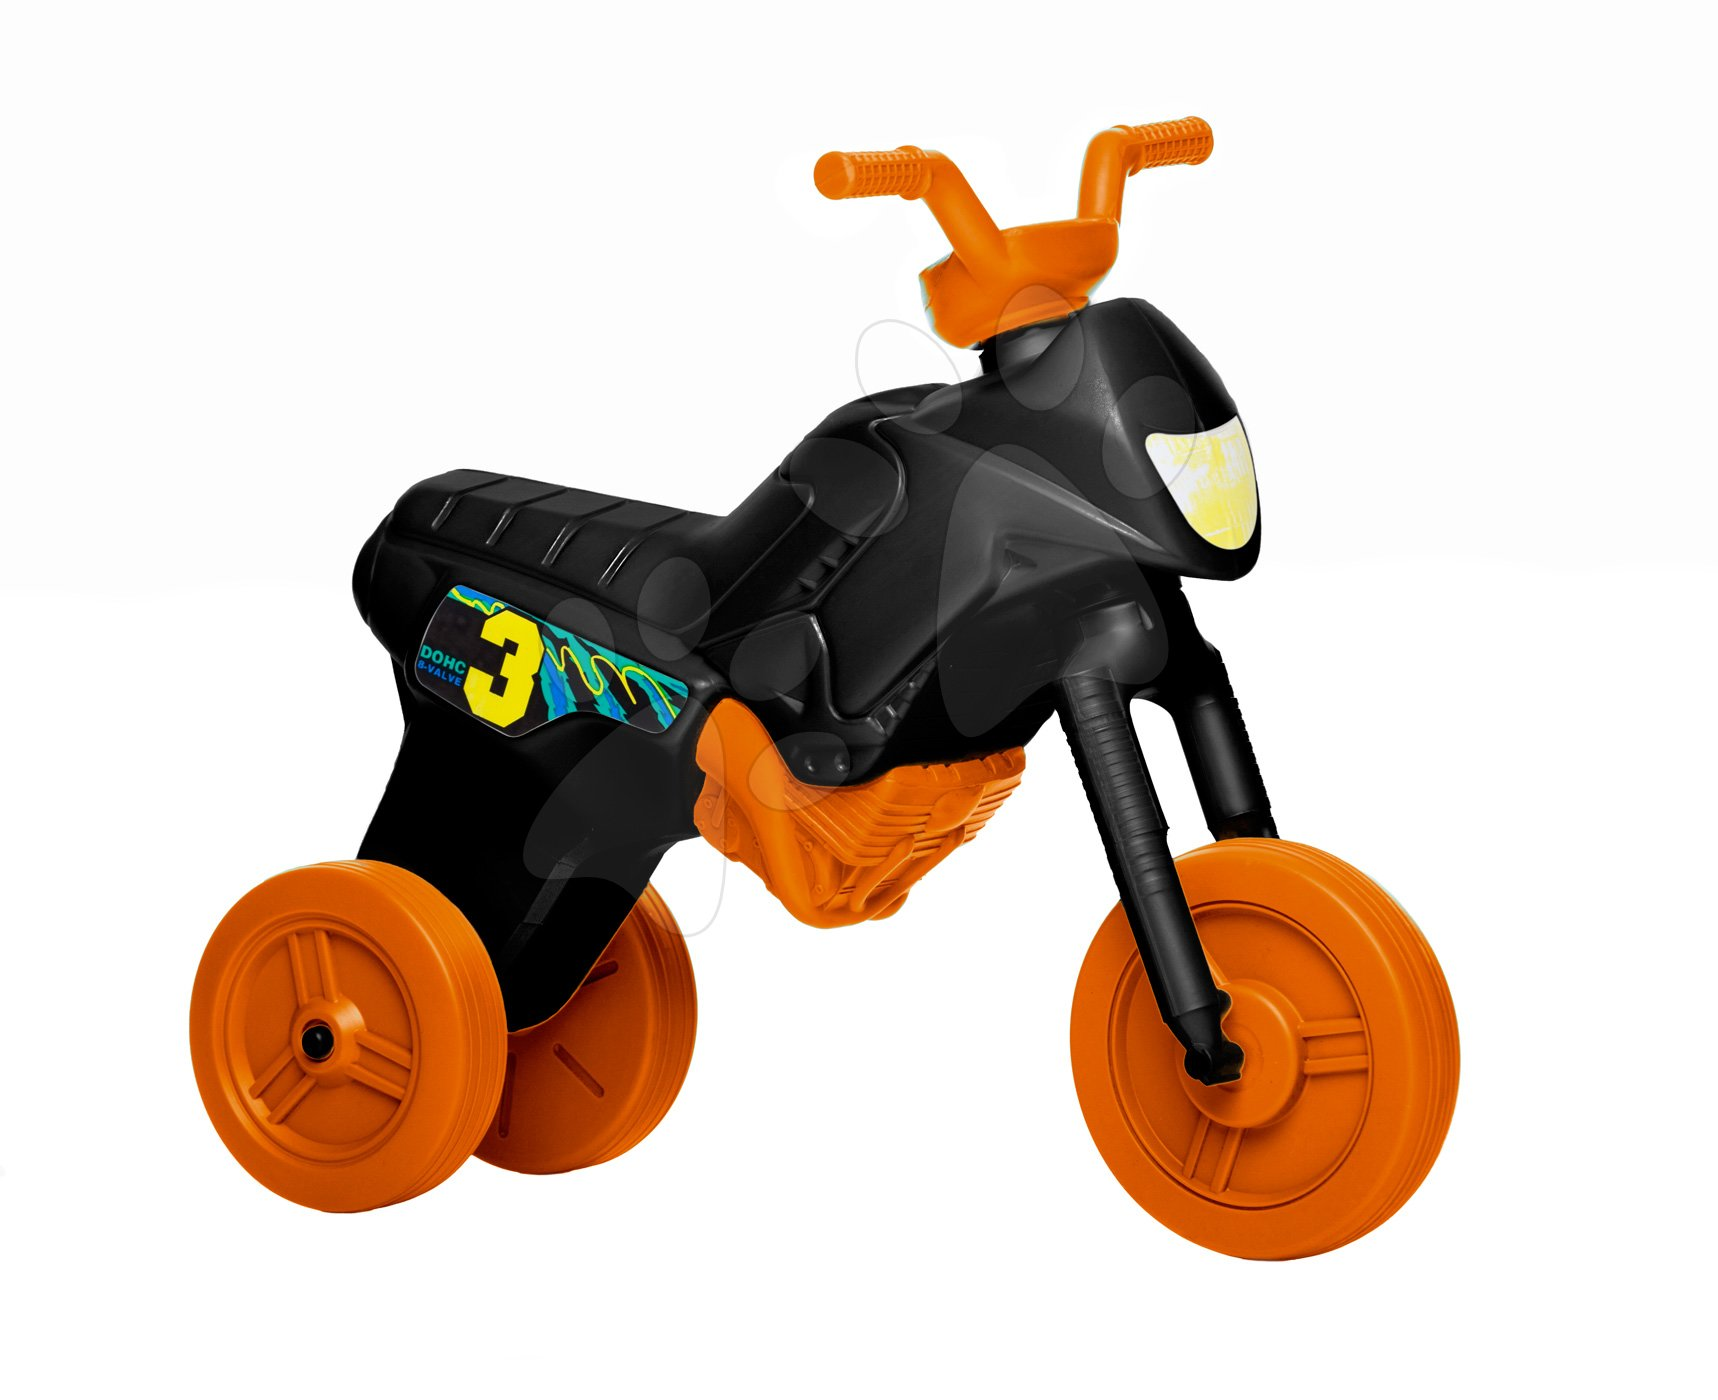 Motorky - Velké odrážedlo Enduro oranžové od 24 měsíců